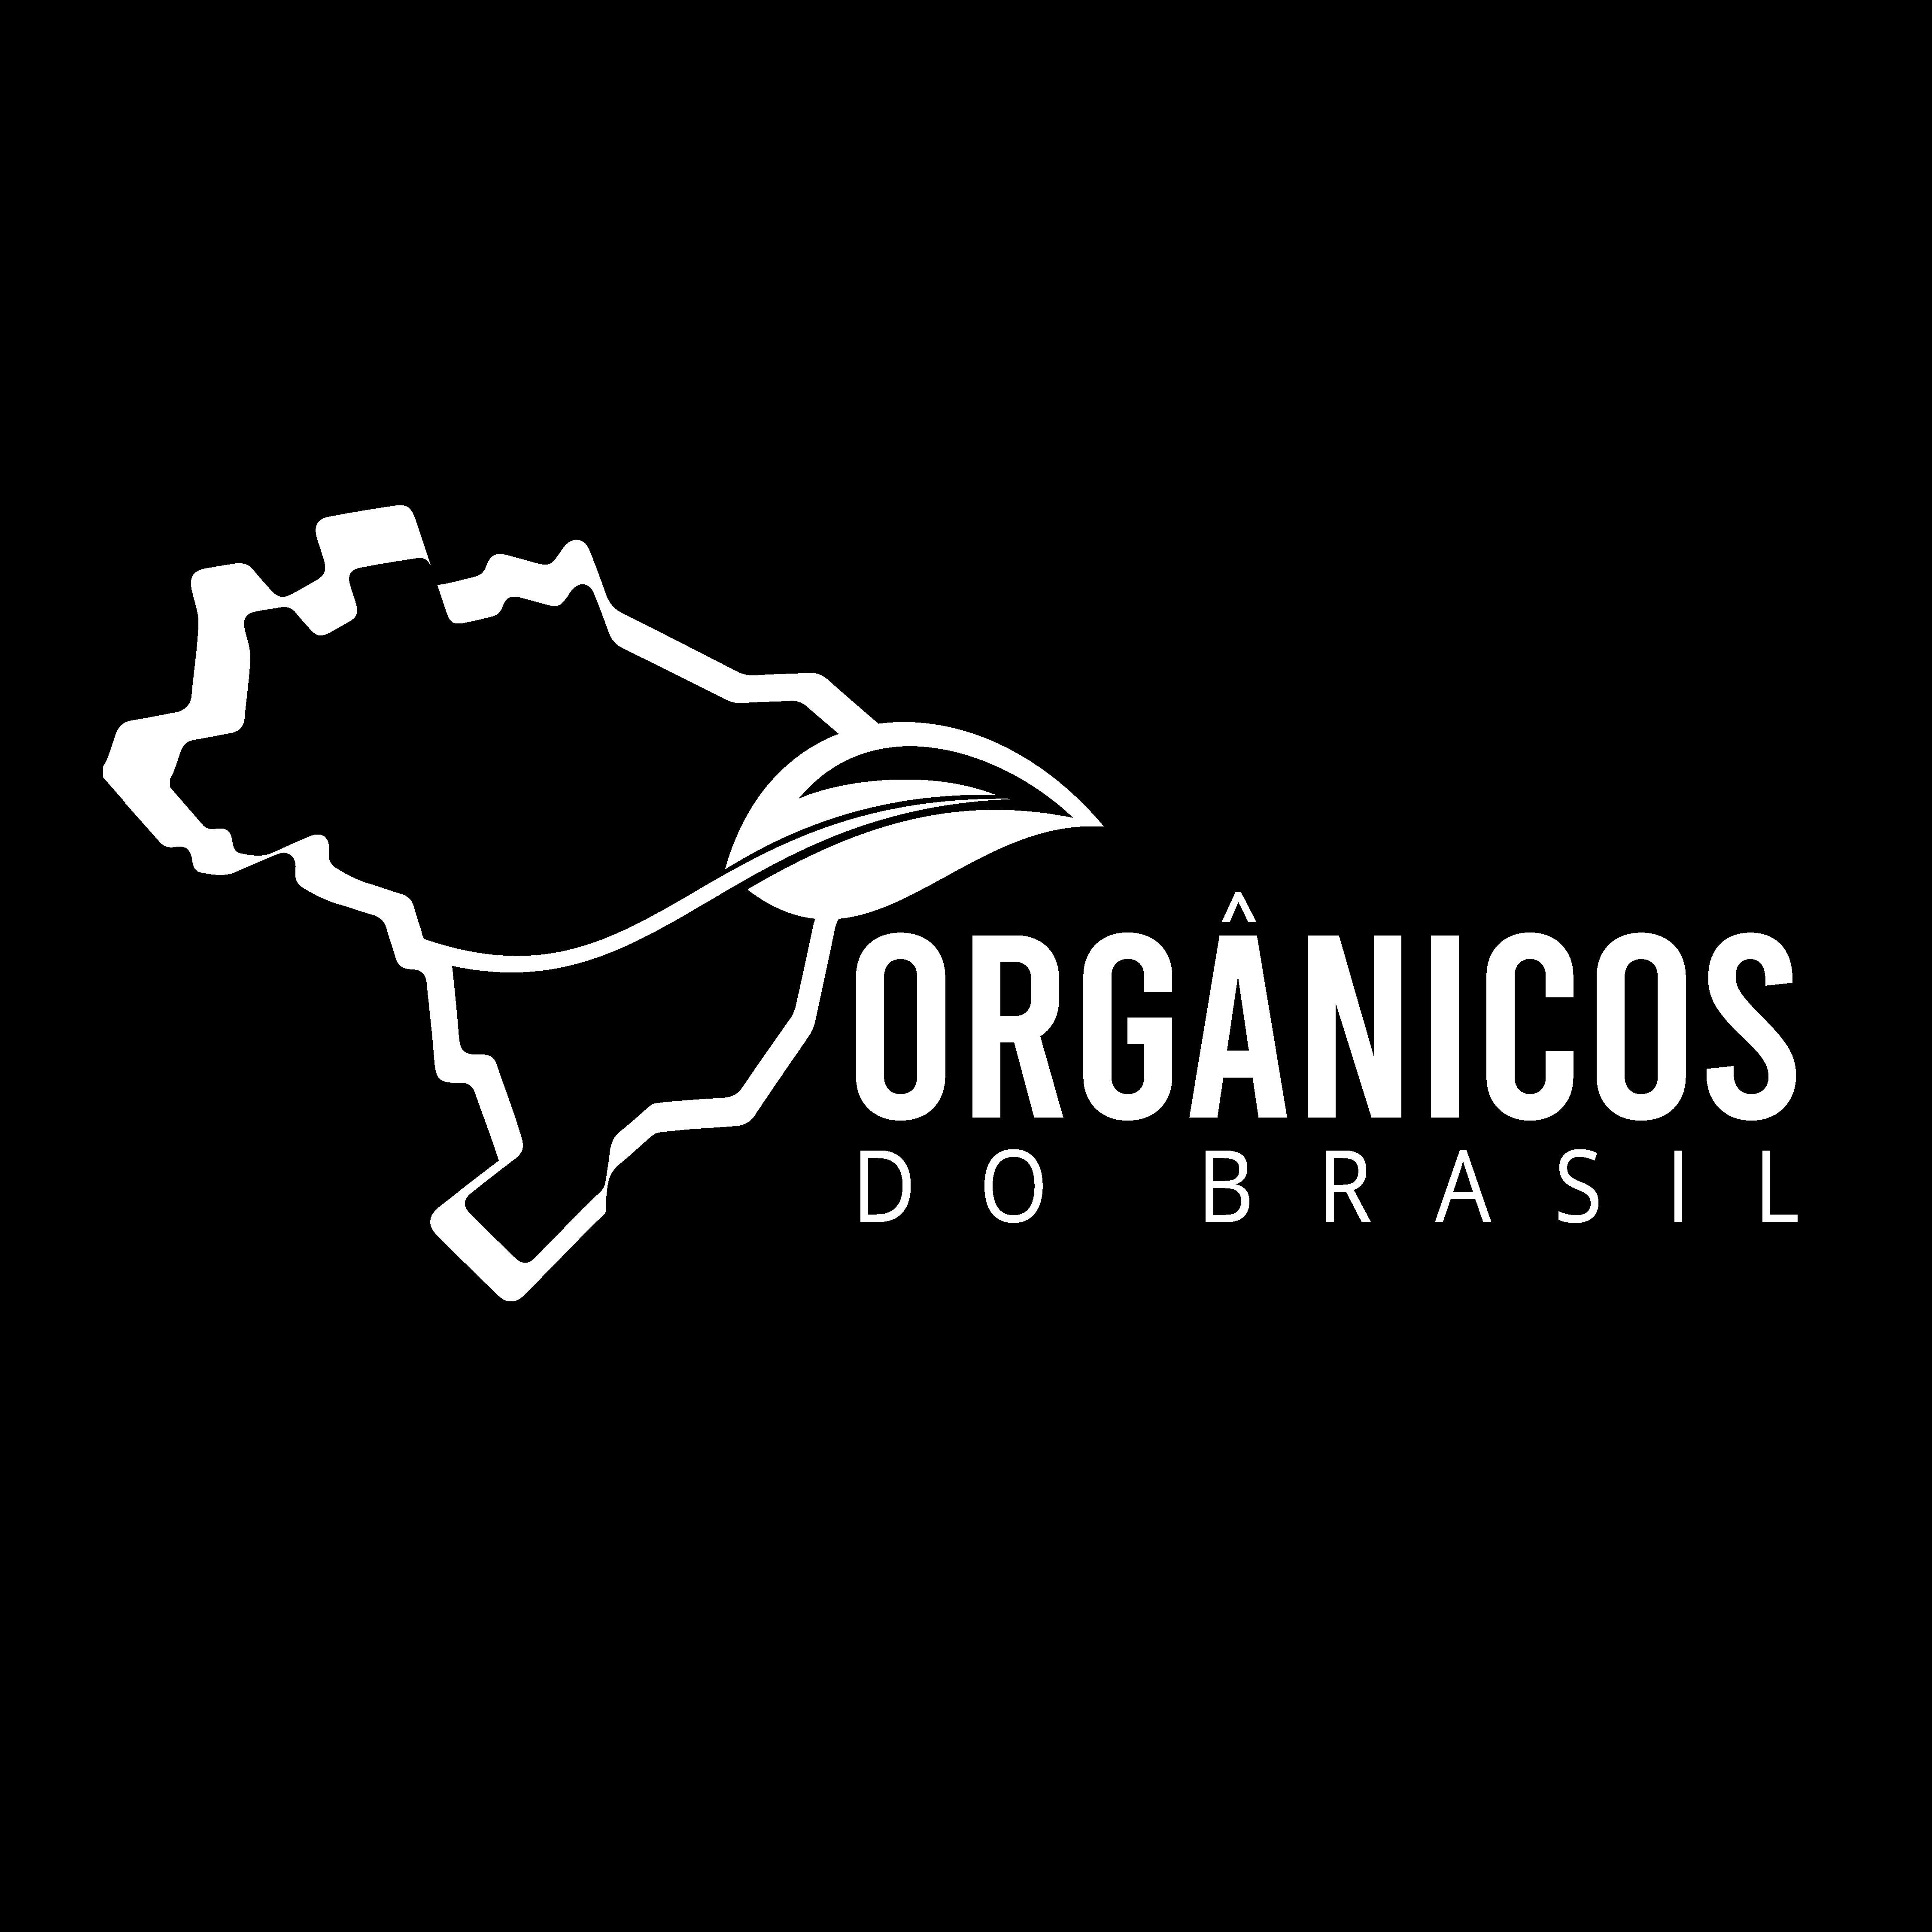 Orgânicos do Brasil